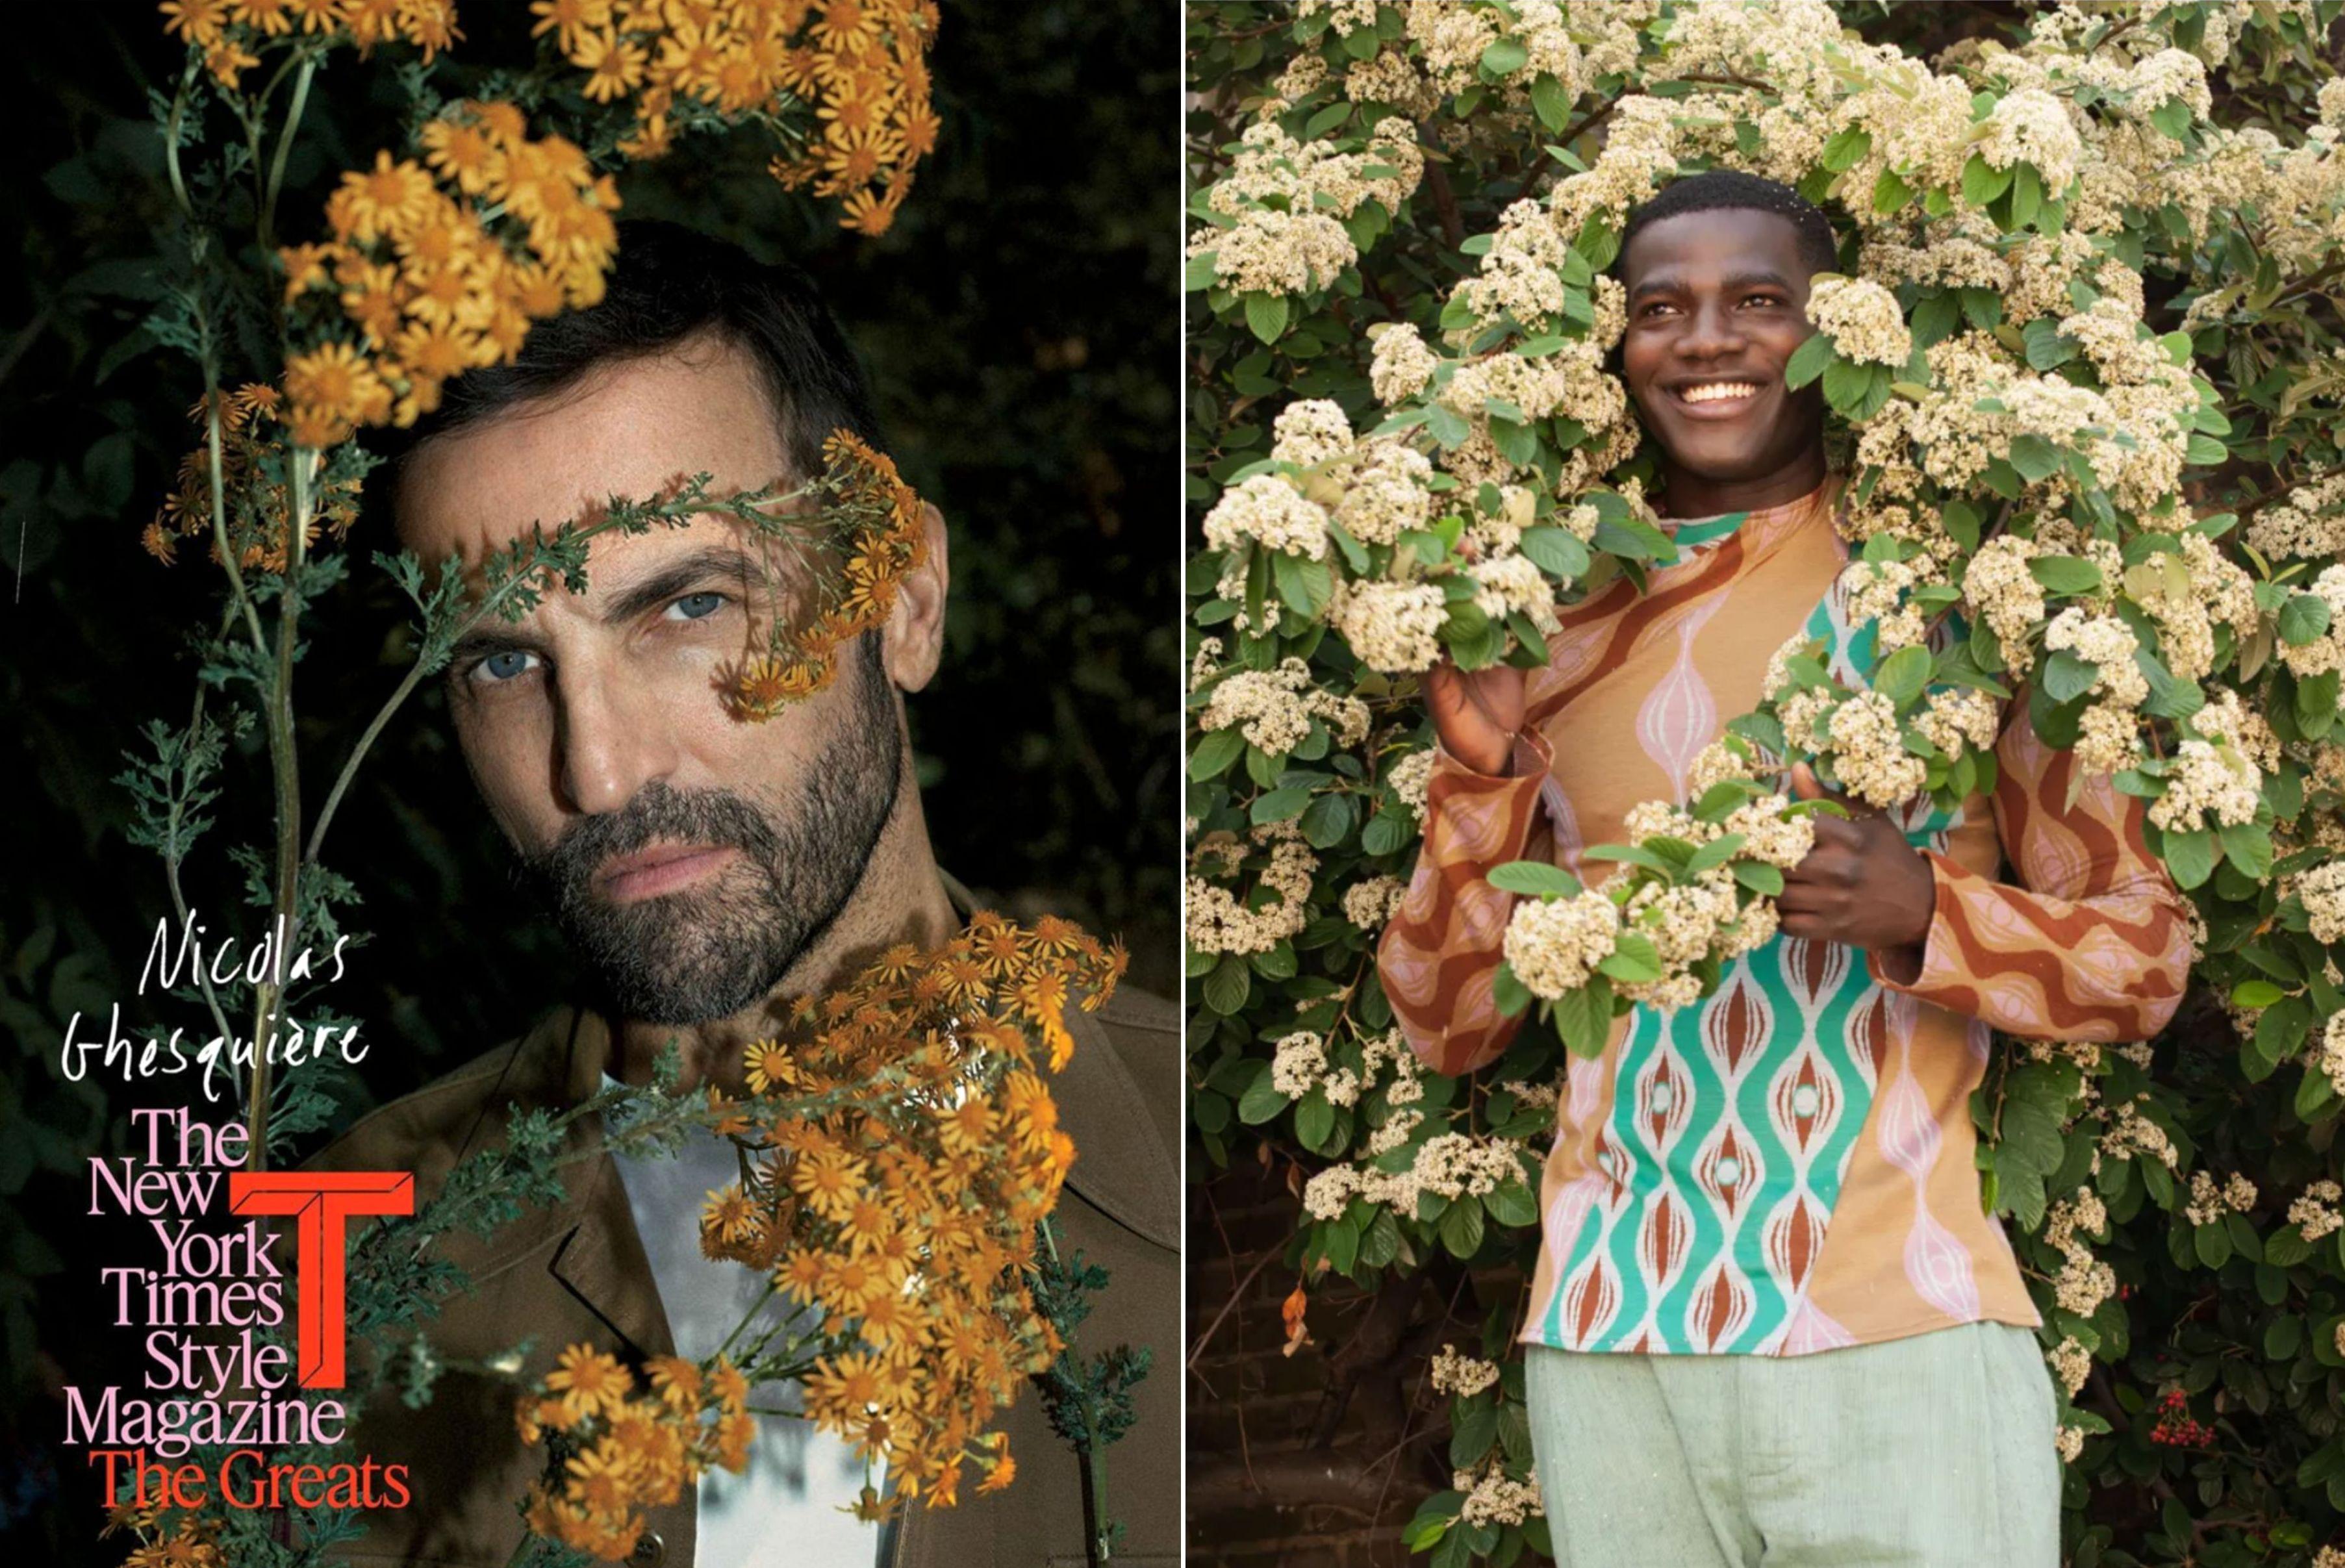 Men among flowers